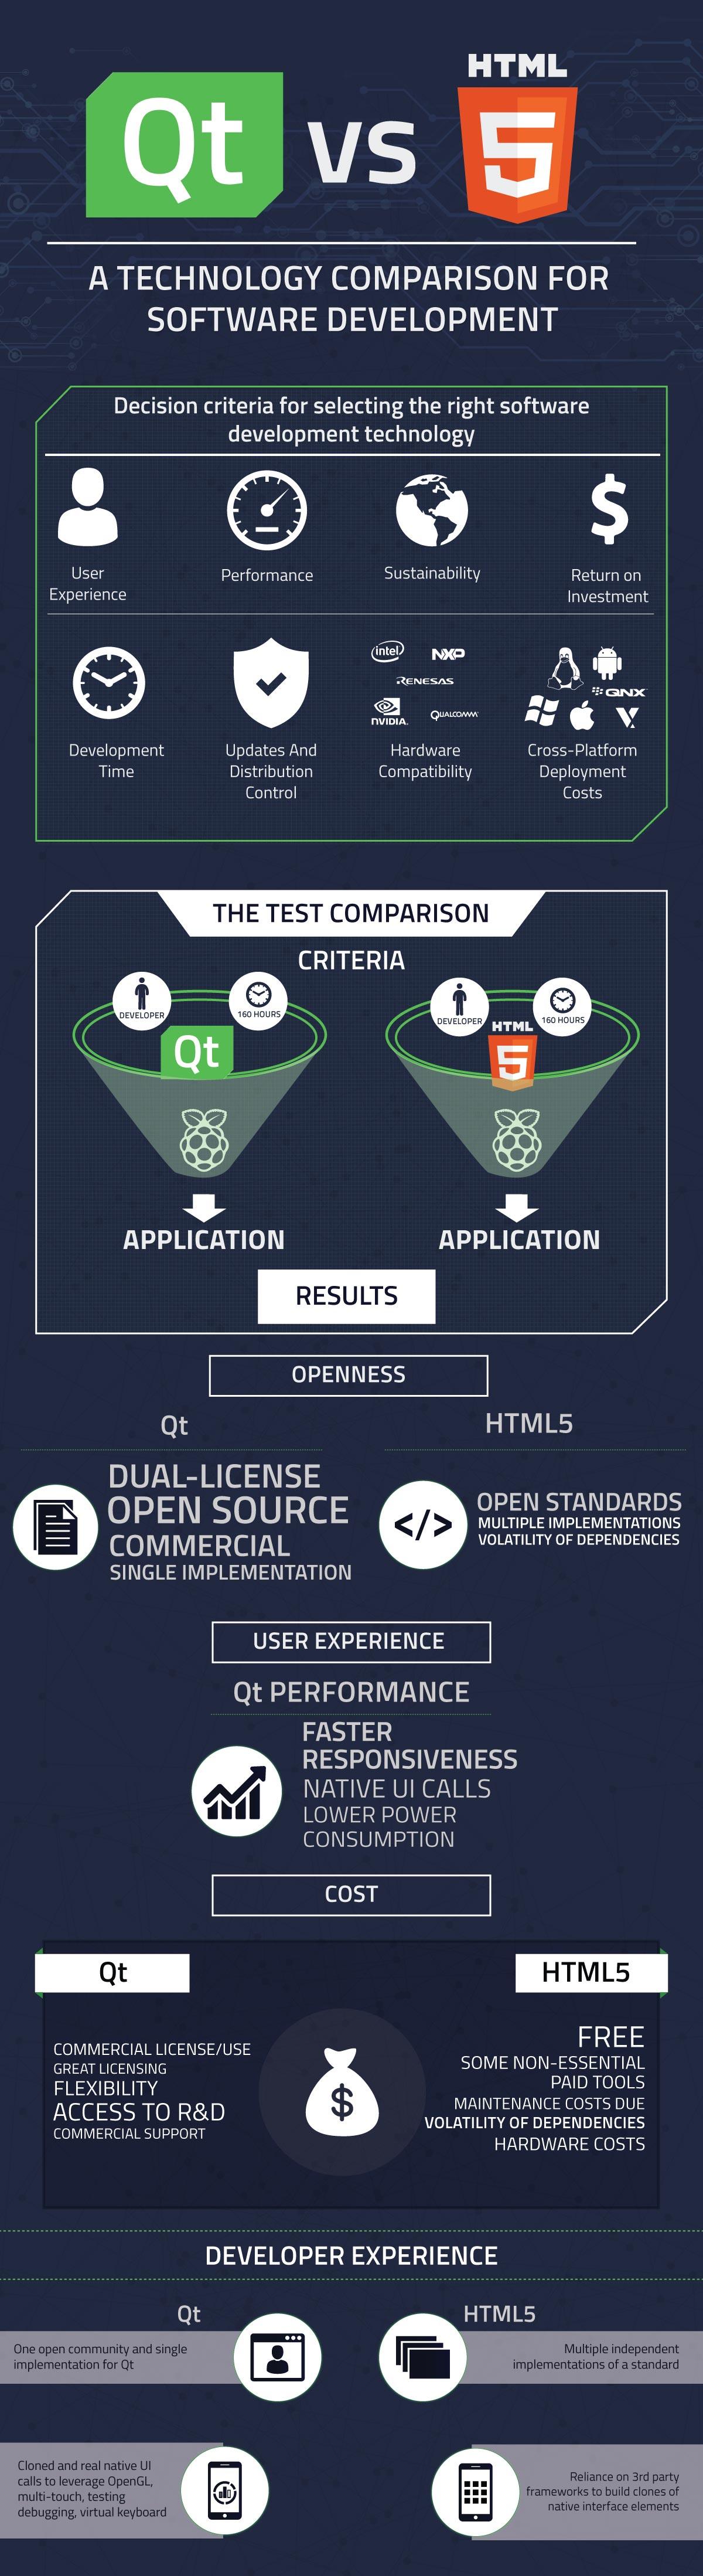 Infographic_Qt-v-HTML5_2017-semifull.jpg